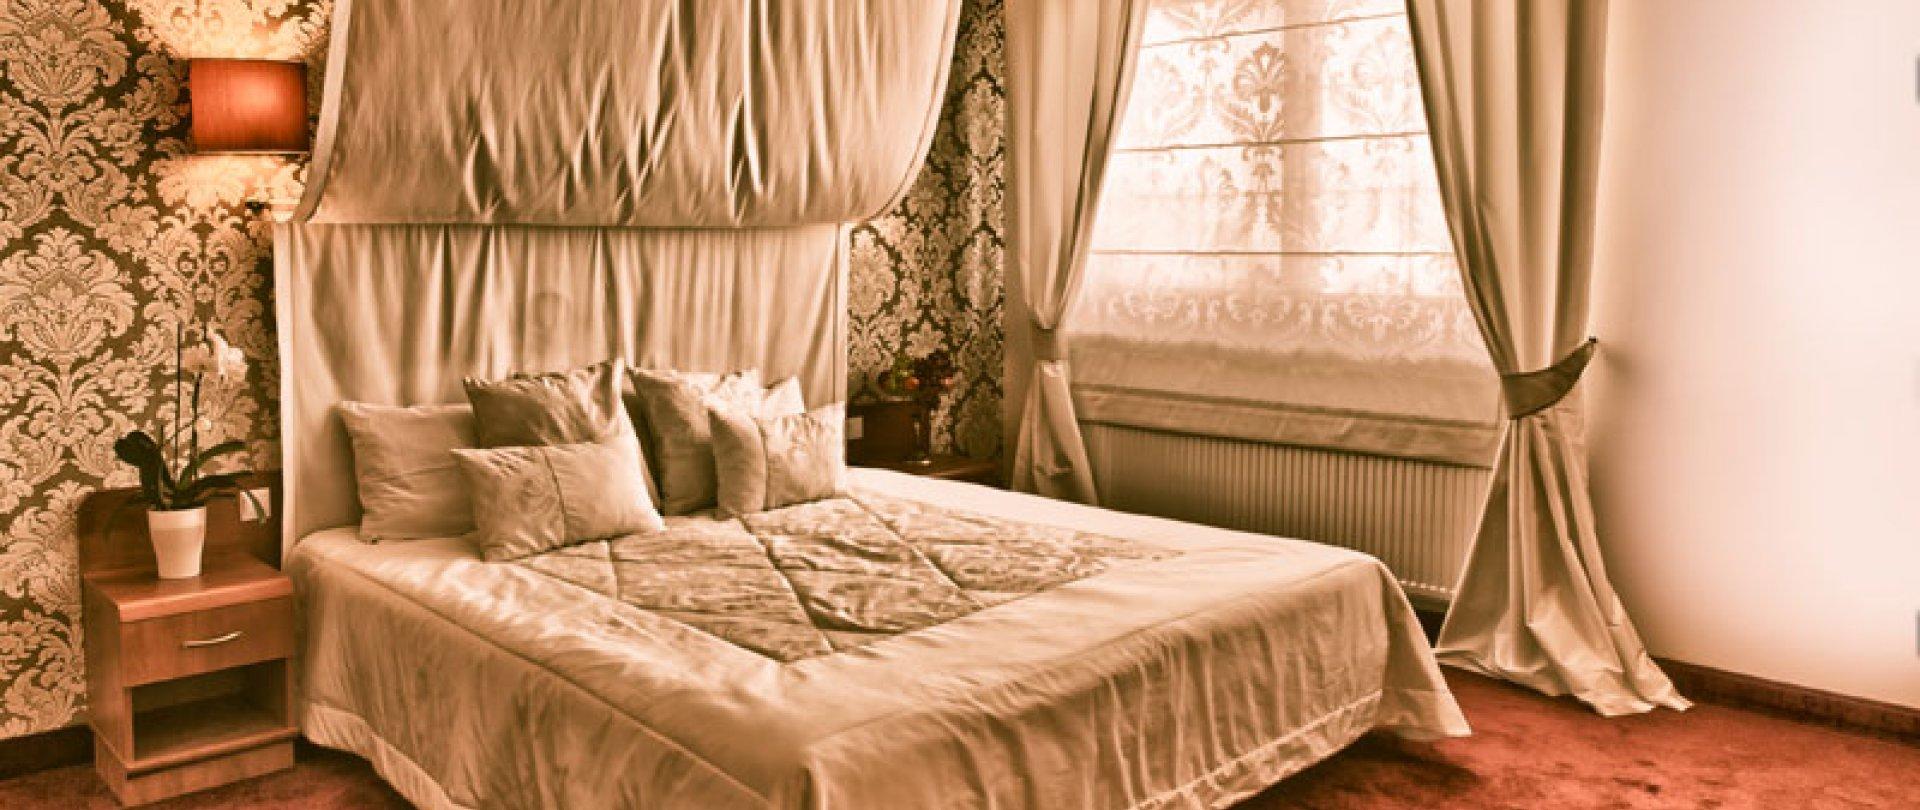 Prince Edwin's Suite